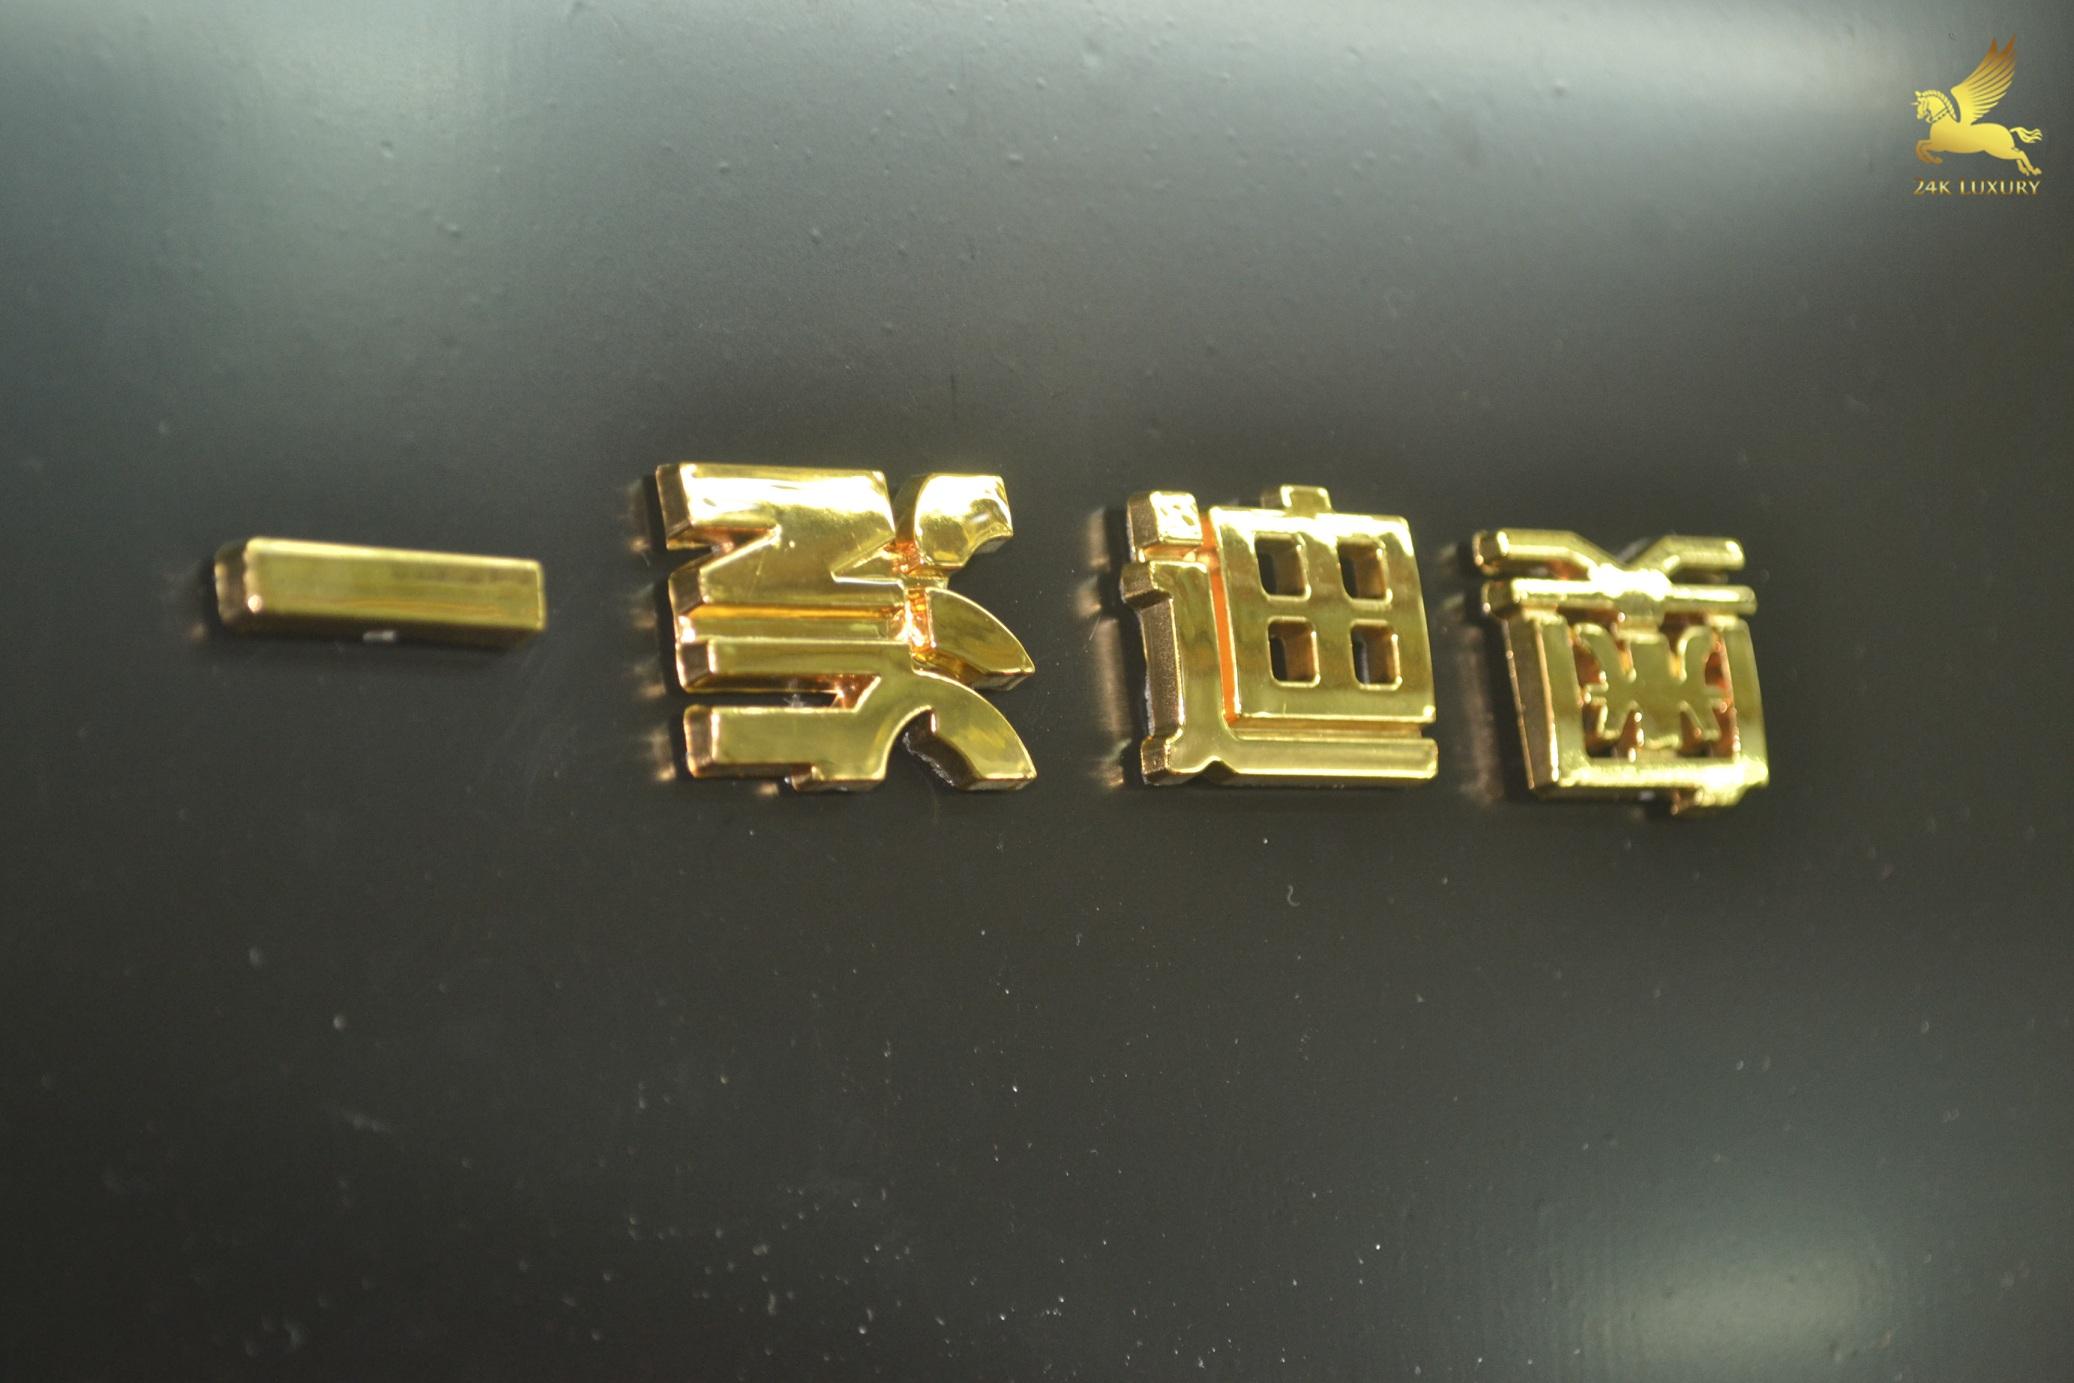 Bộ chữ mạ vàng giá: 1.600.000đ